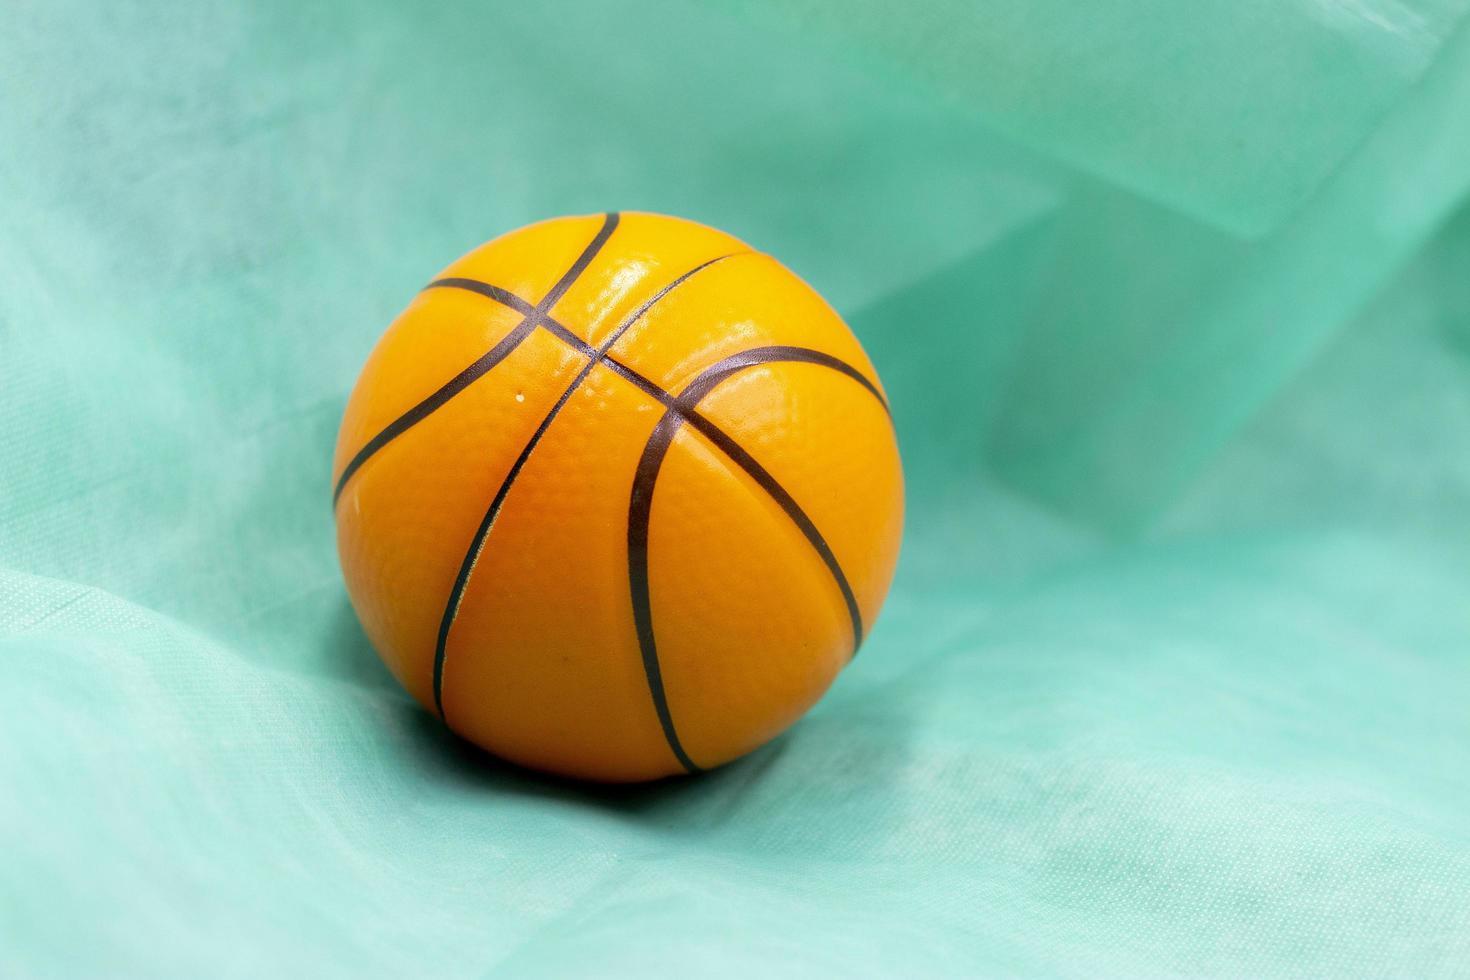 le basket-ball est sur fond vert photo